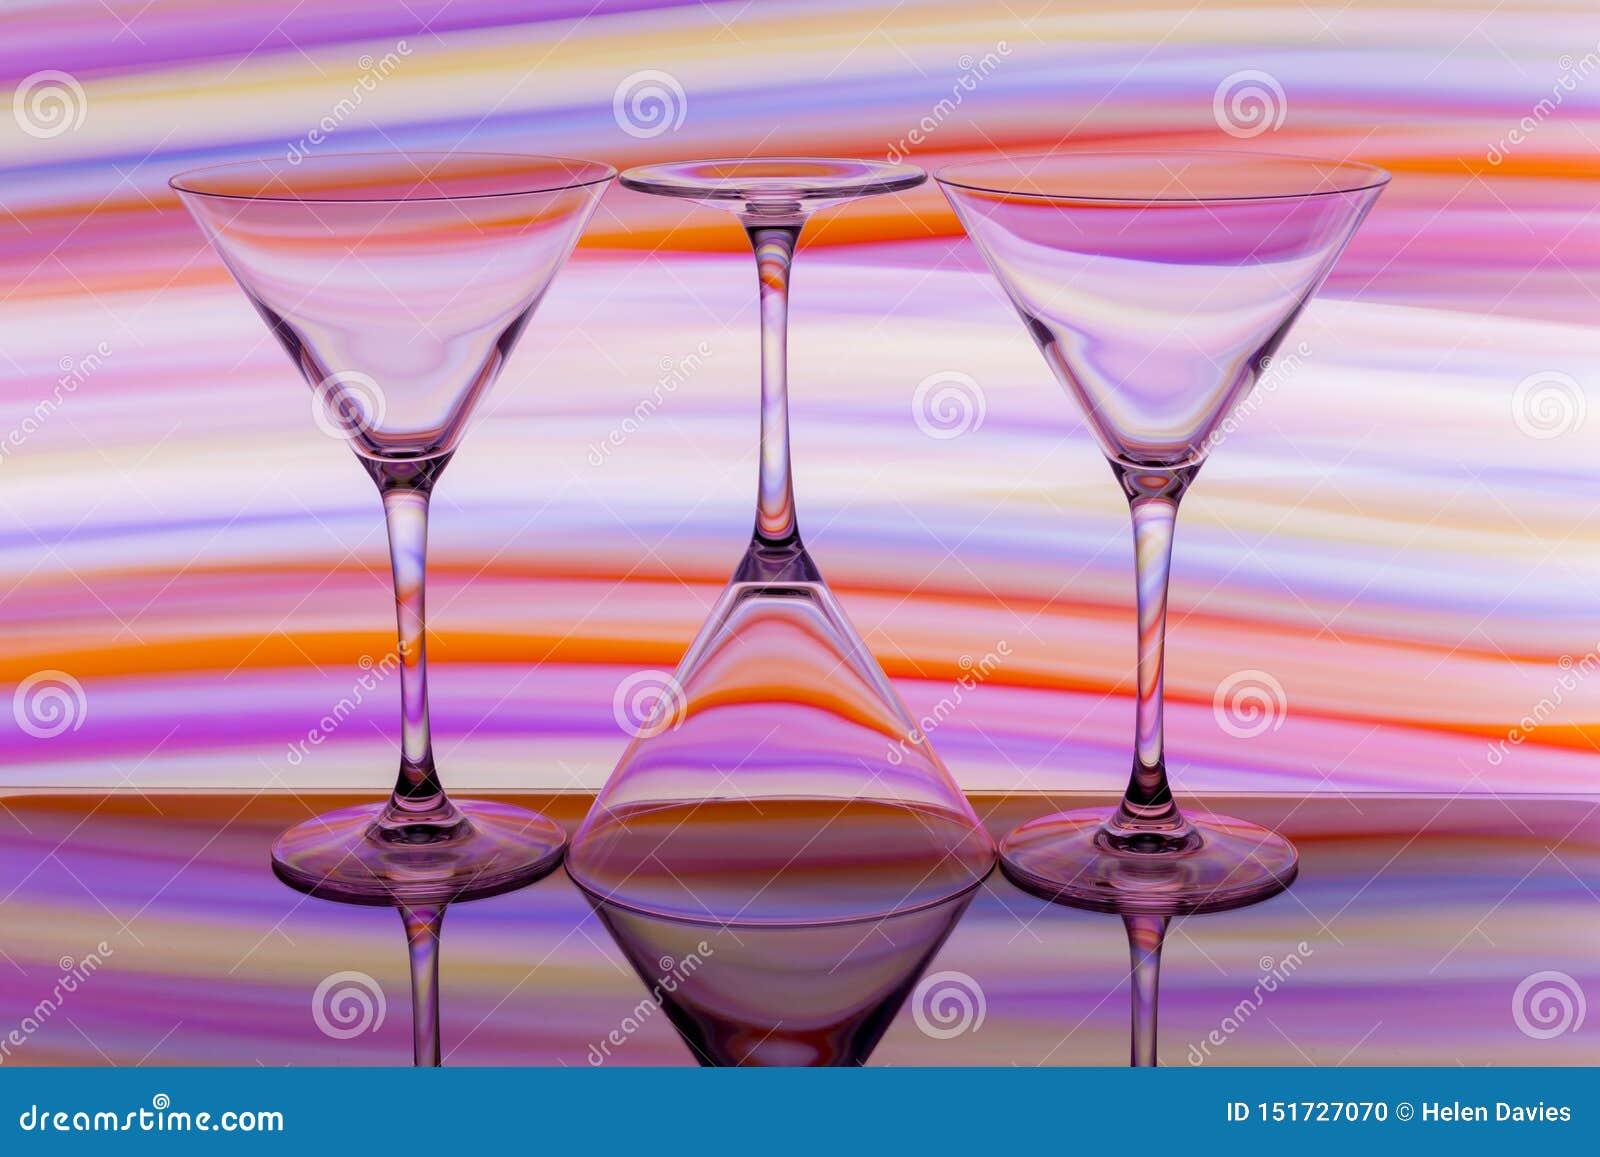 Tres cócteles/vidrios de martini en fila con un arco iris del color detrás de ellos